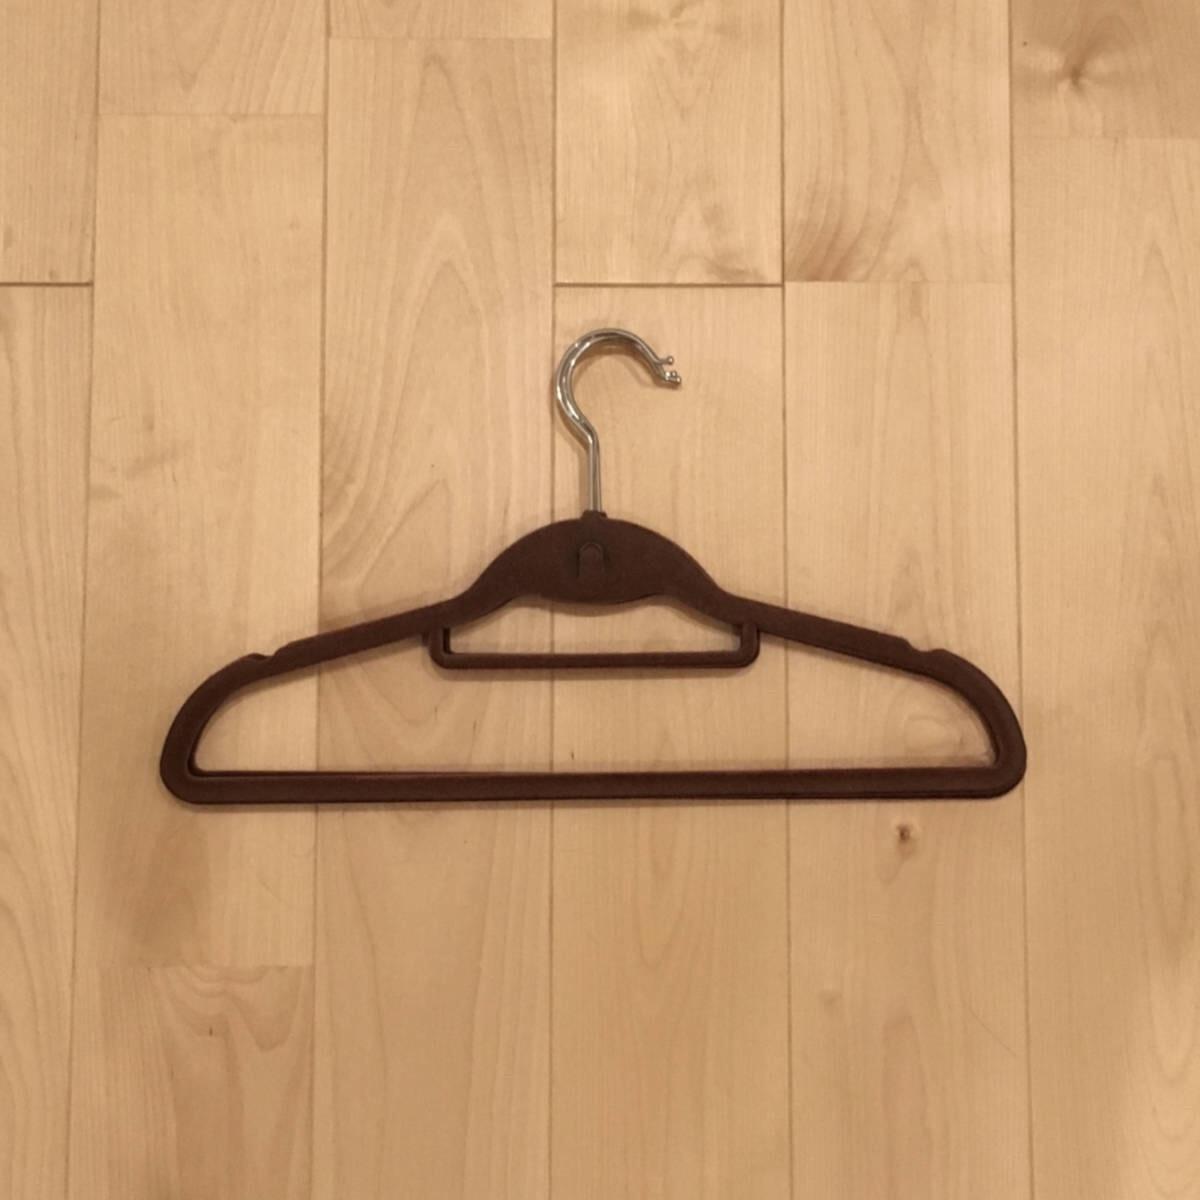 コーデュロイのような生地が施された衣類が滑らないハンガー